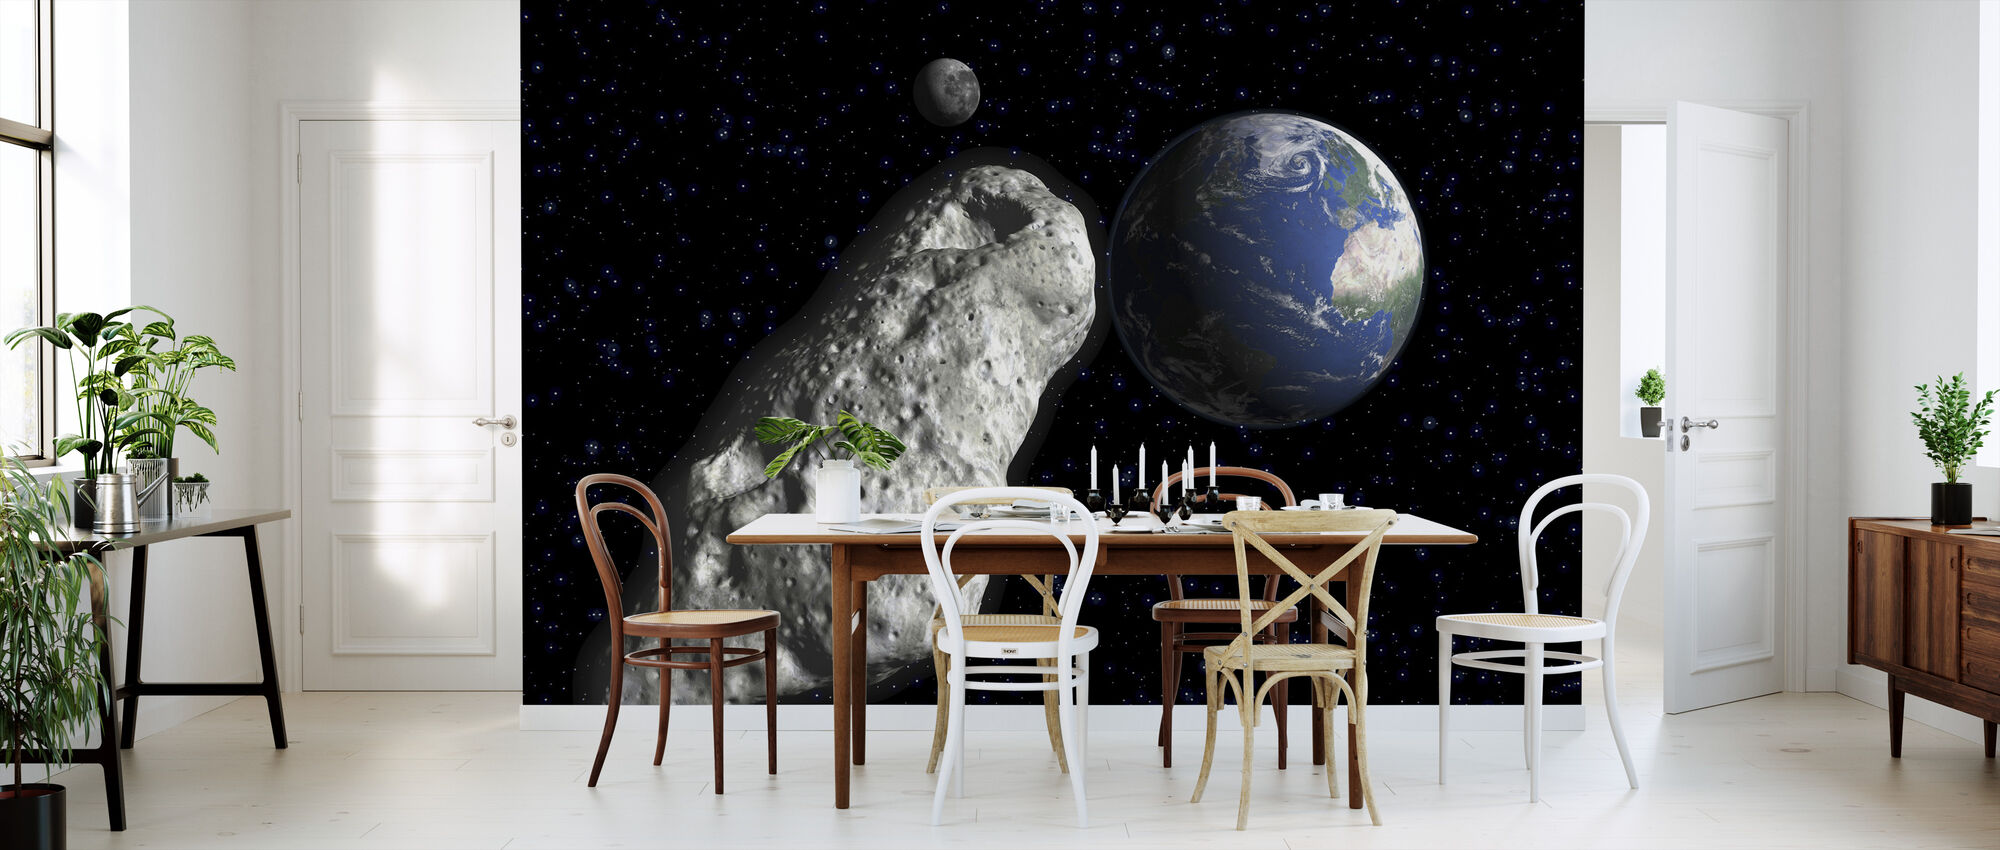 asteroid mit fototapeten einrichten photowall. Black Bedroom Furniture Sets. Home Design Ideas